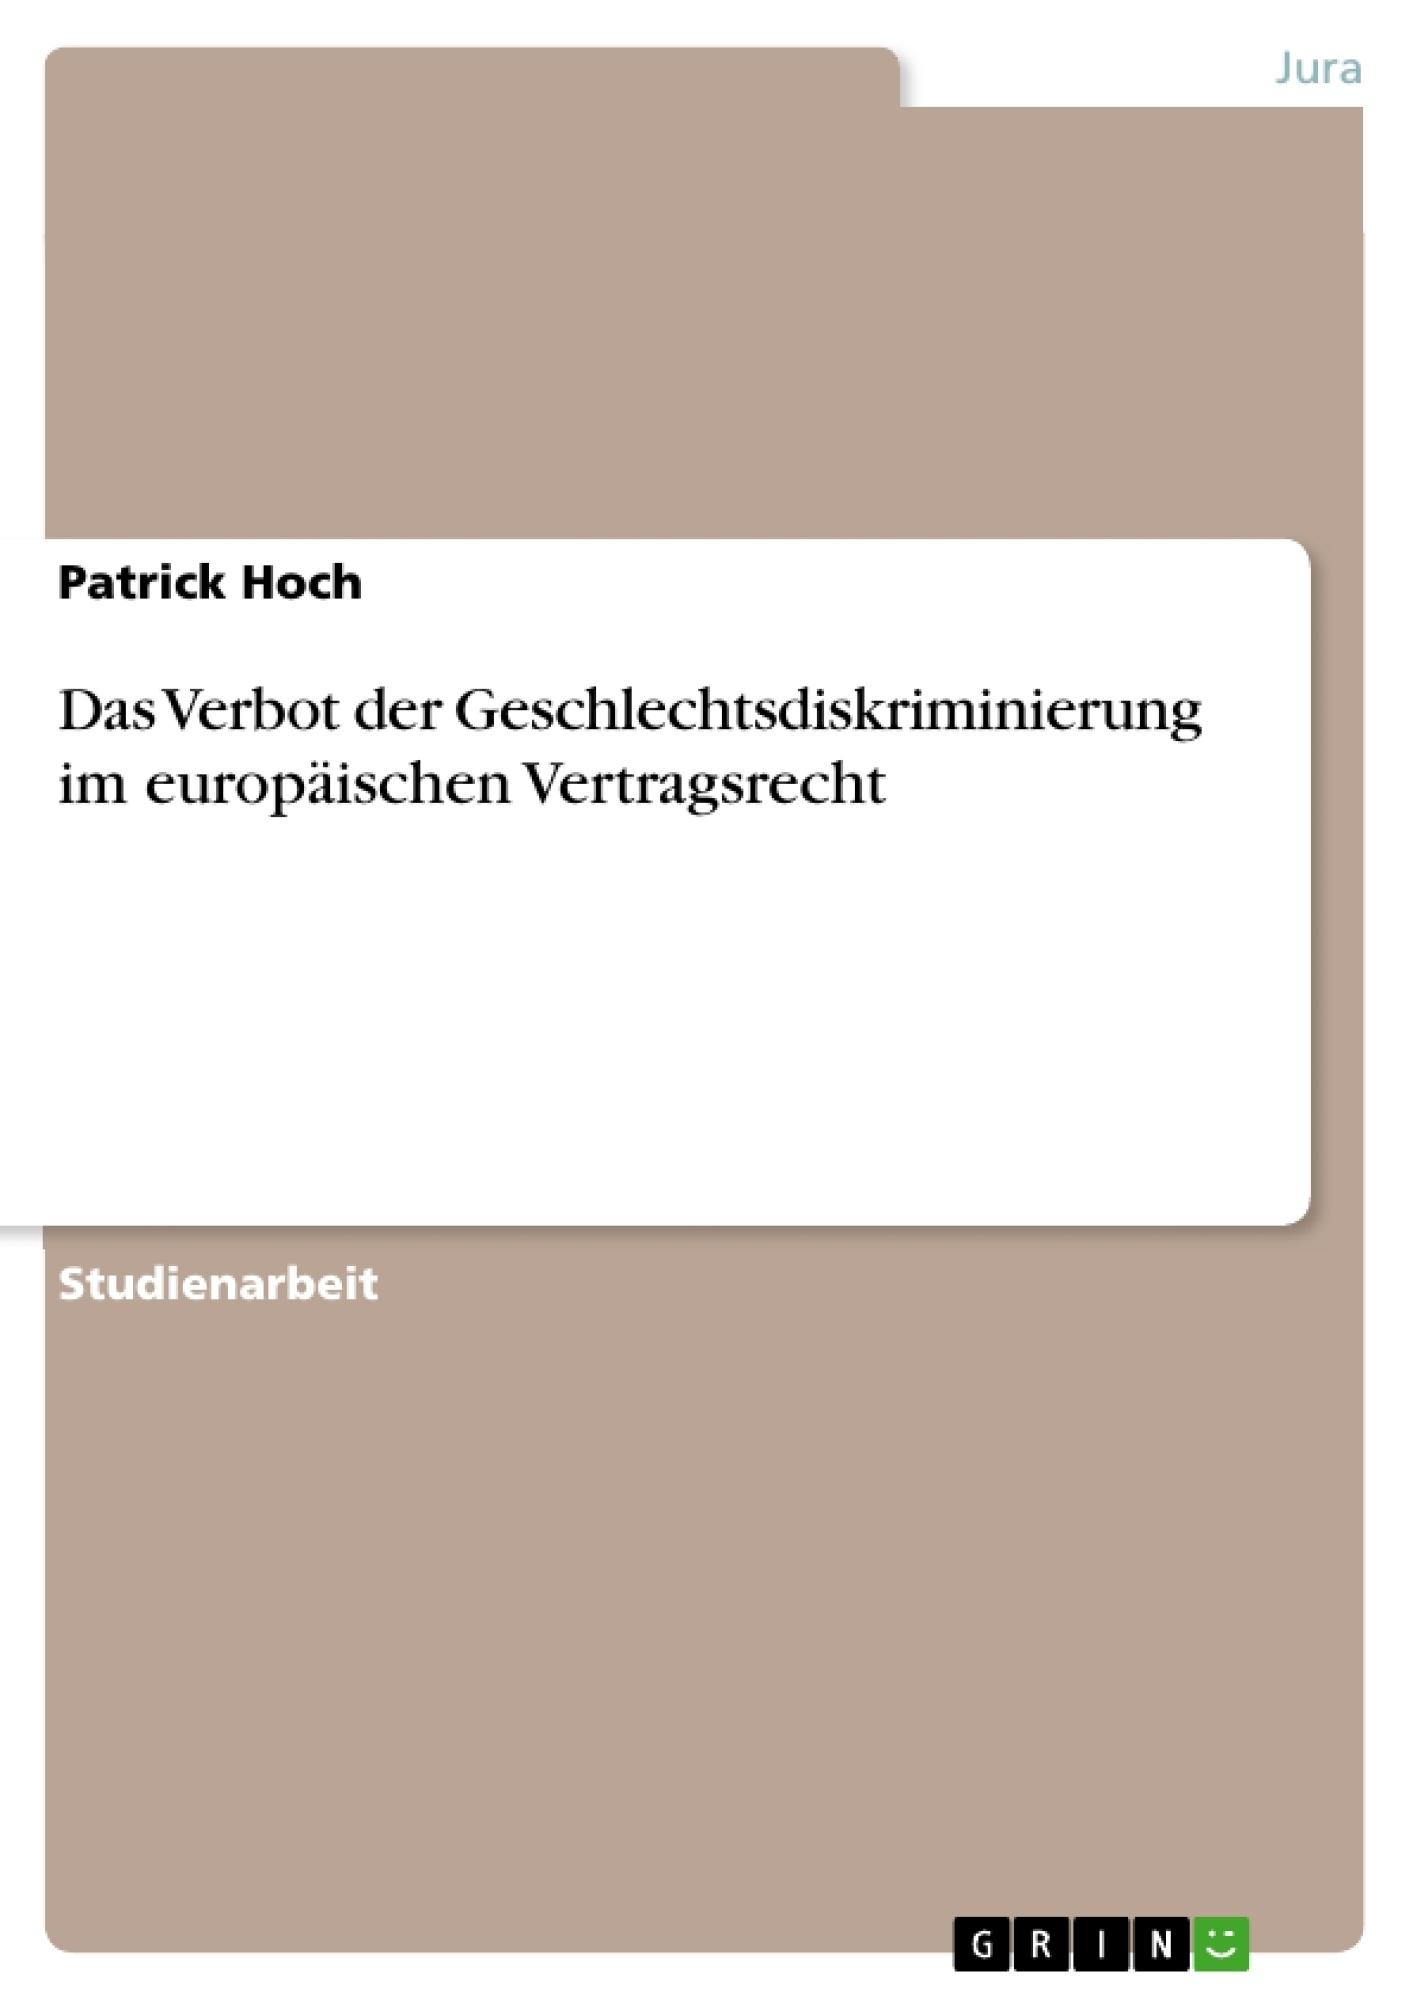 Titel: Das Verbot der Geschlechtsdiskriminierung im europäischen Vertragsrecht